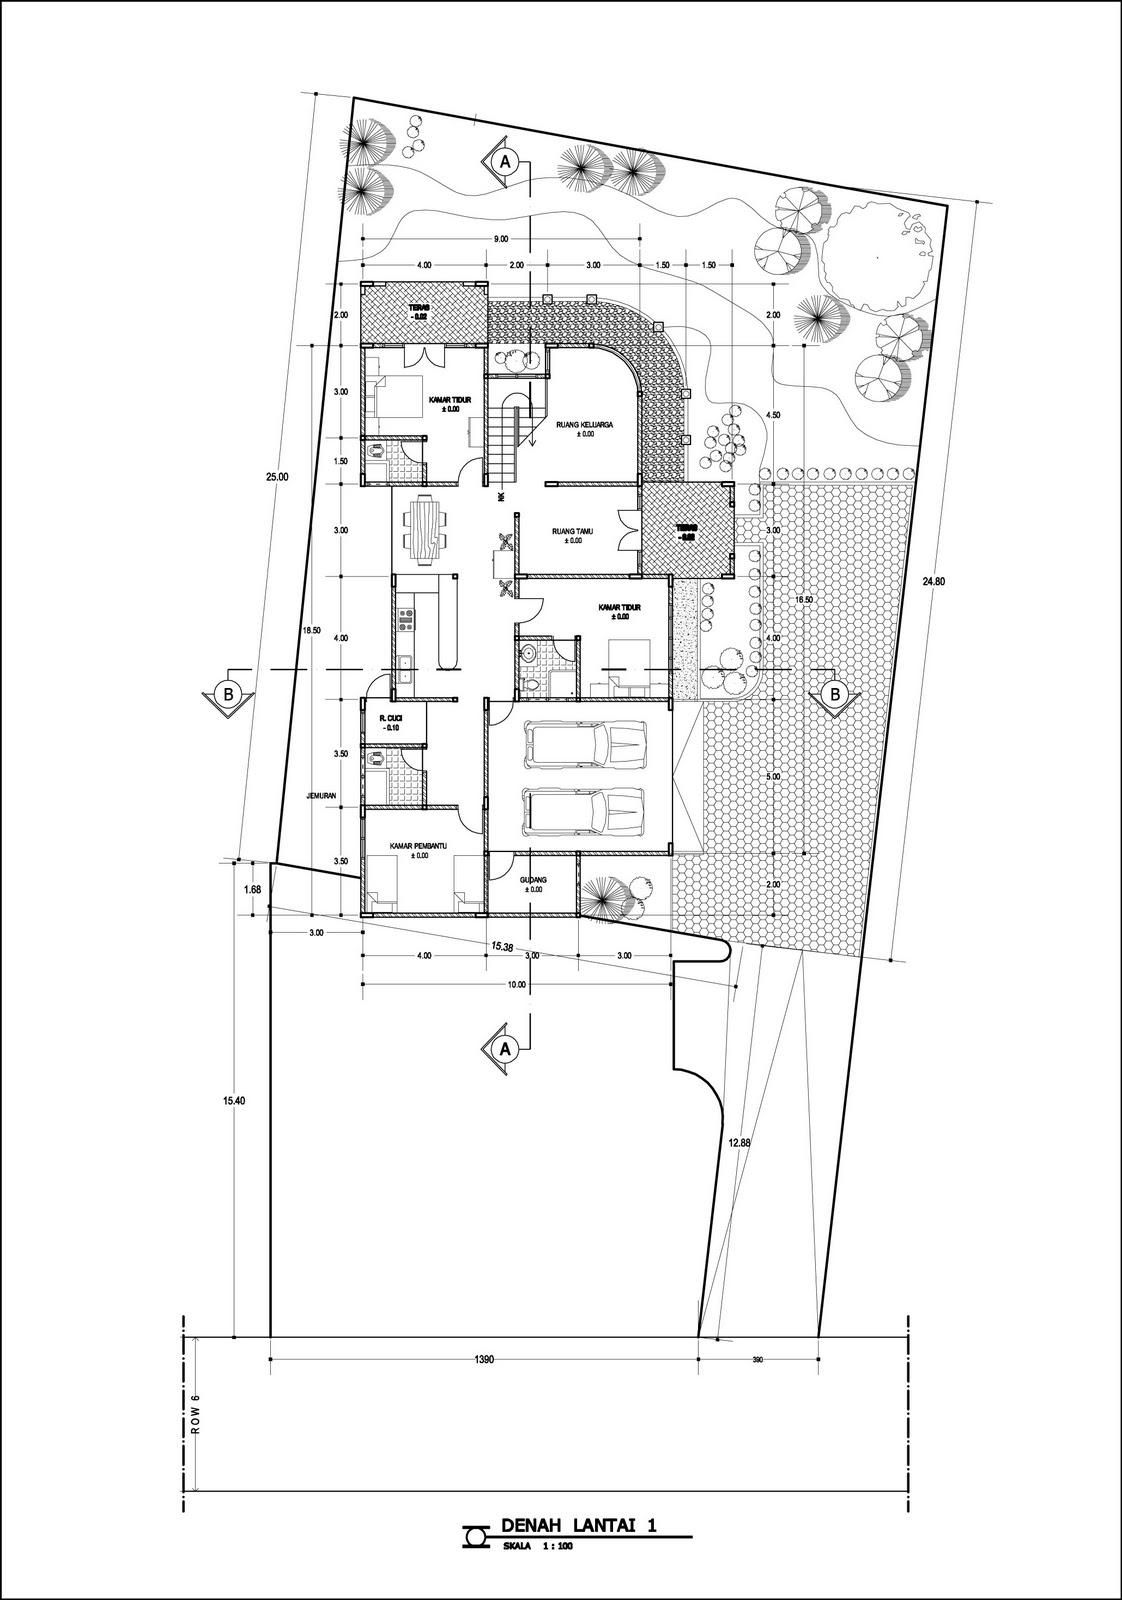 Panduan Bangunan Rumah: Contoh Desain Rumah: DENAH RUMAH